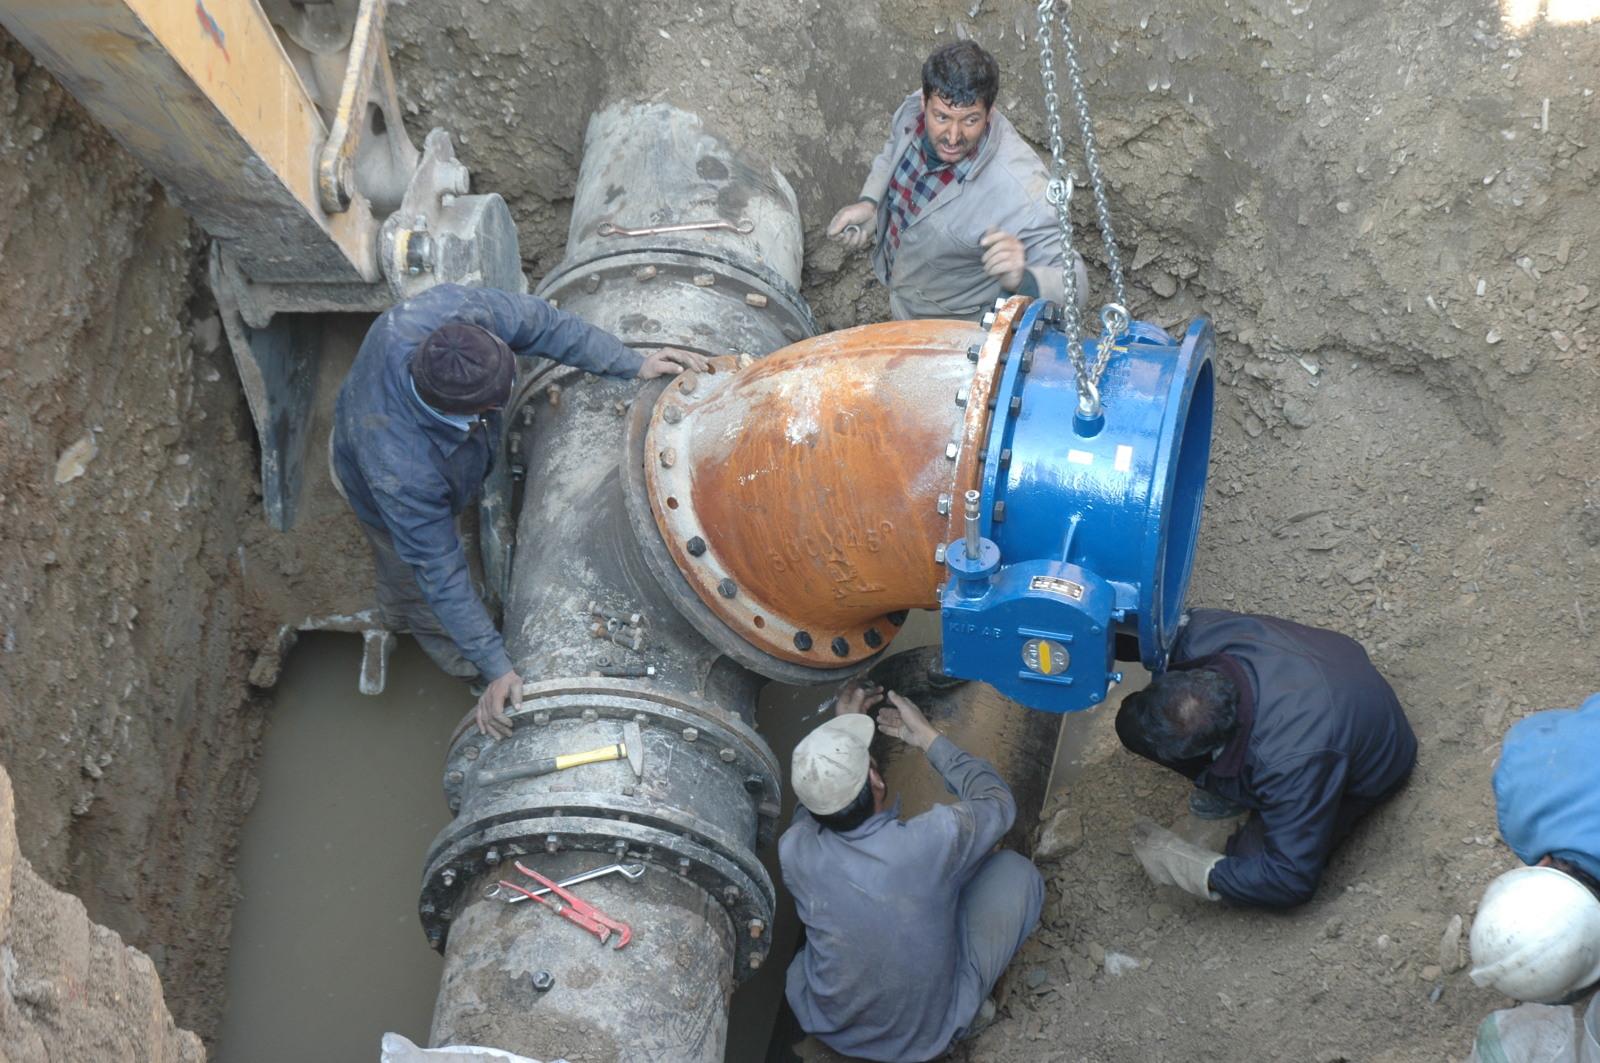 فعالیت مجهزترین آزمایشگاه کنترل کیفیت آب غرب استان در نجف آباد